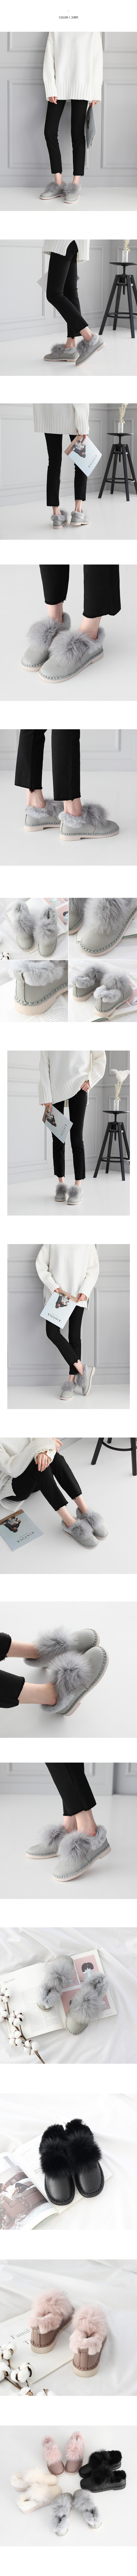 Loria Real Fur Boots 2.5cm